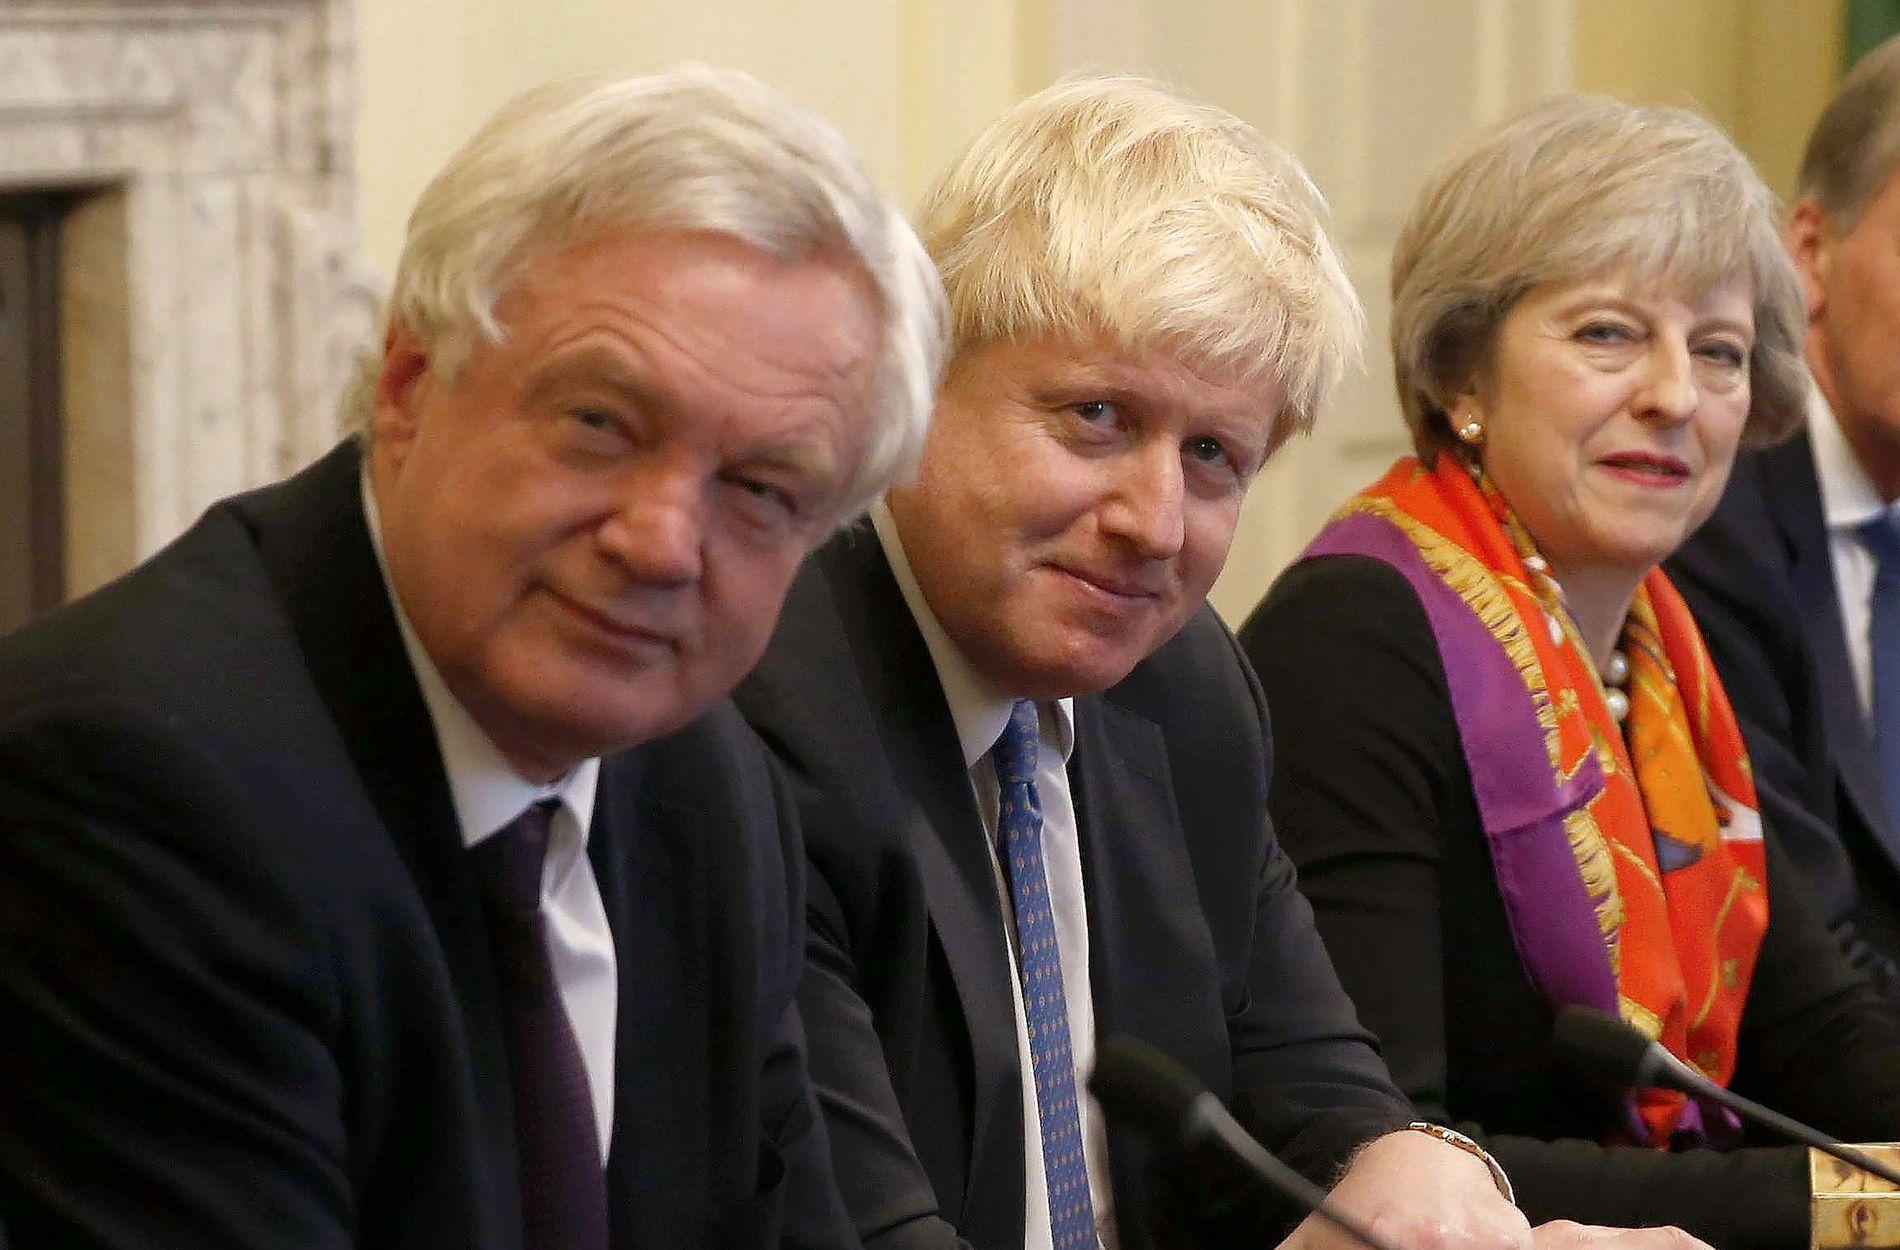 MINISTER-FLUKT: Bilde av den britiske statsministeren Theresa May (th) sammen med Brexit-ministeren David Davis (fv), og utenriksministeren Boris Johnson i november 2016. Den 9. juli gikk begge ministrene av.